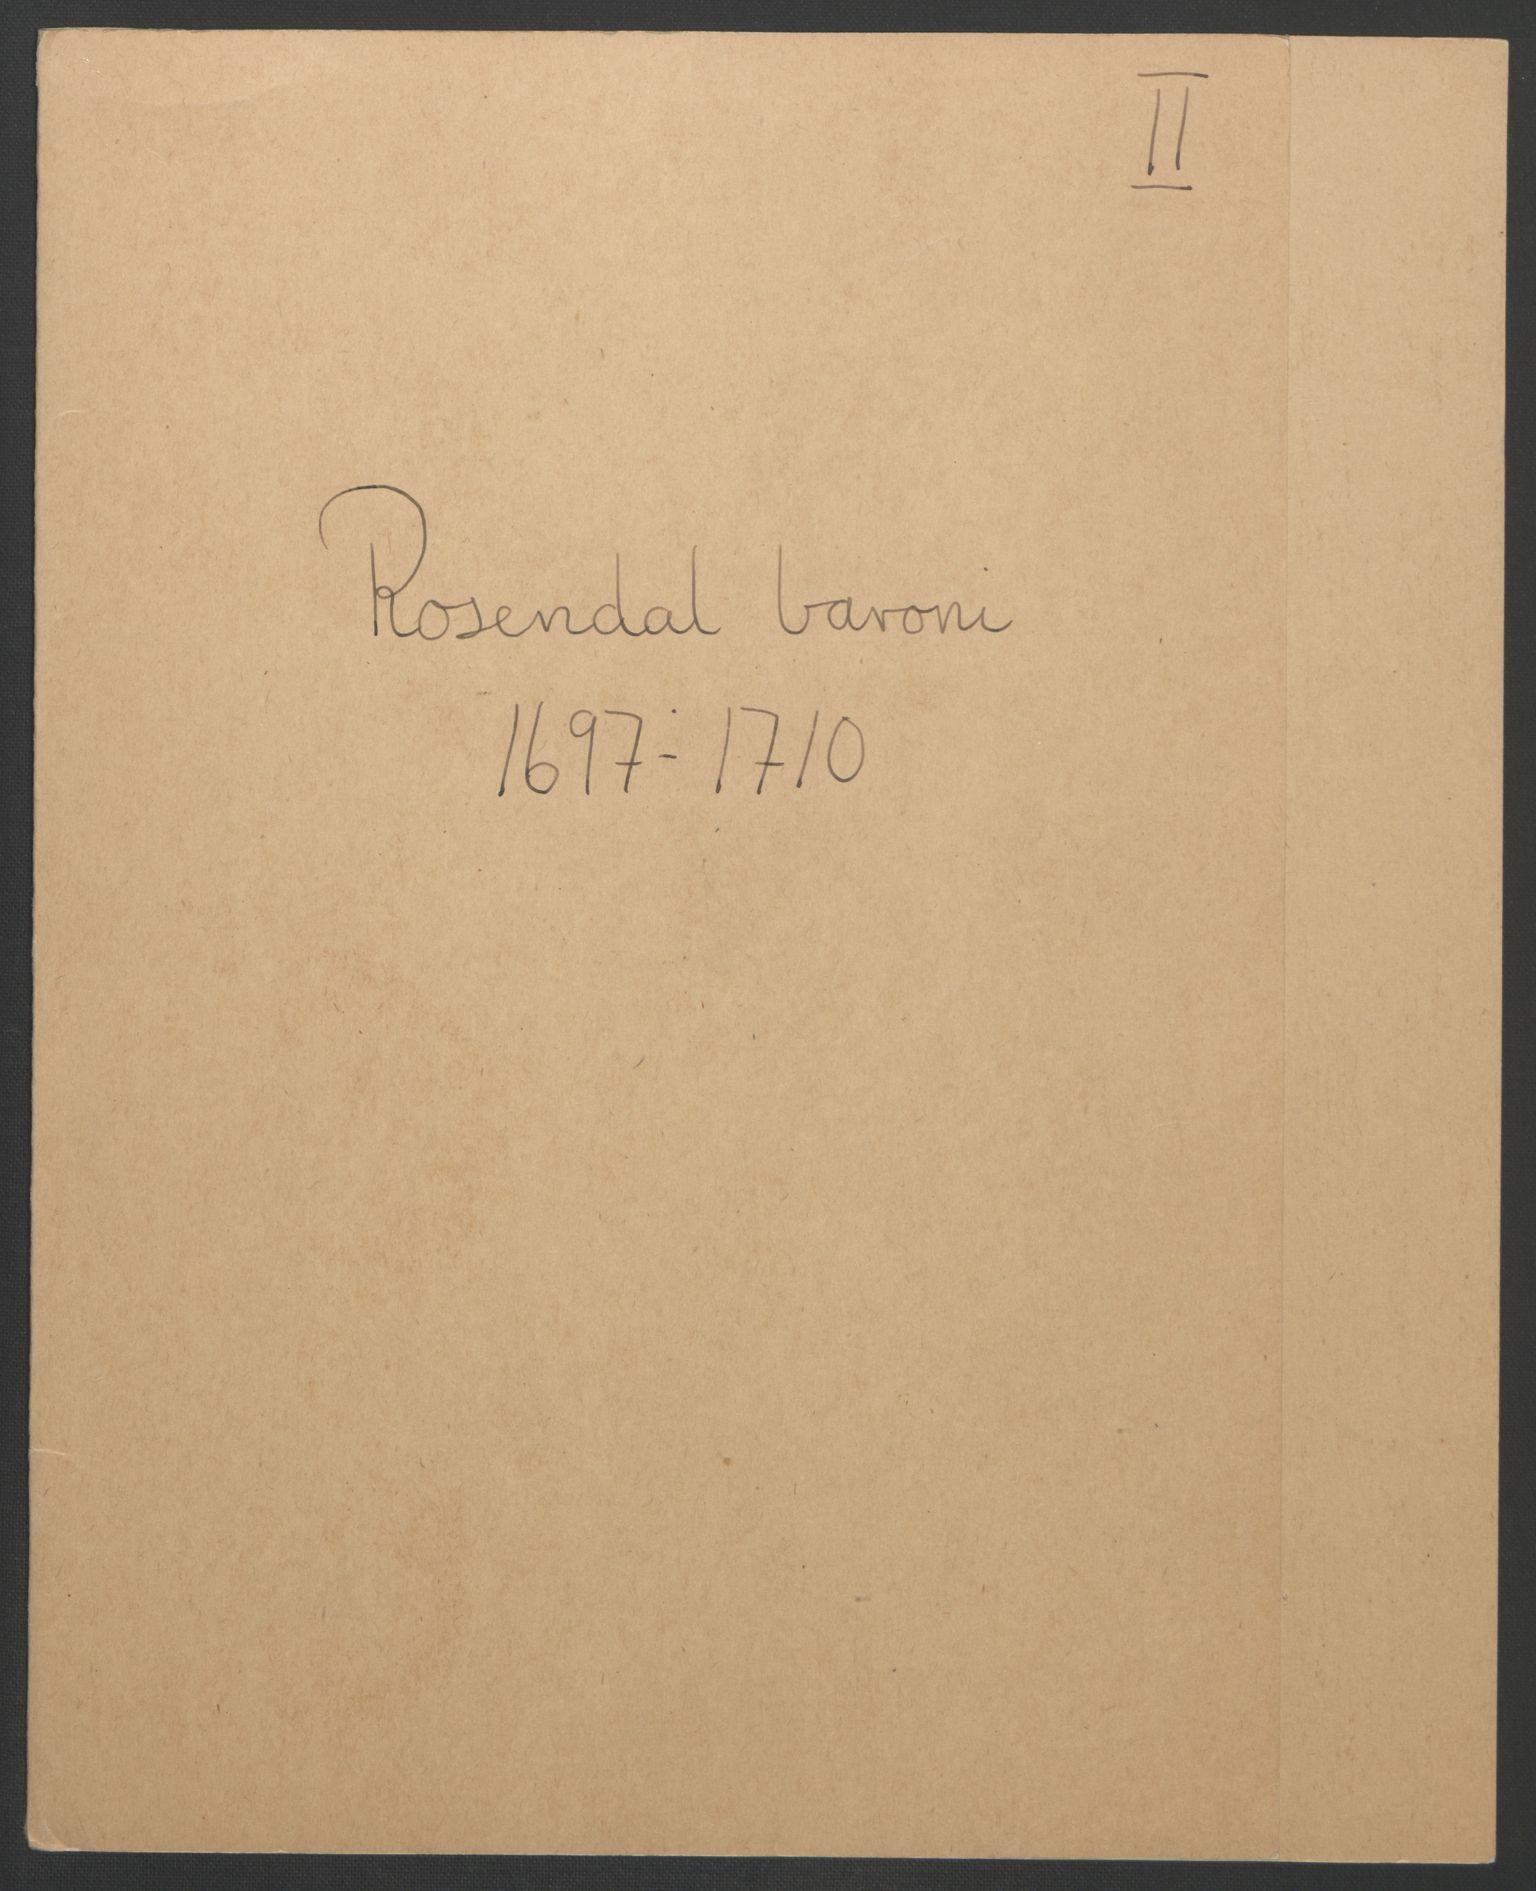 RA, Rentekammeret inntil 1814, Reviderte regnskaper, Fogderegnskap, R49/L3138: Fogderegnskap Rosendal Baroni, 1691-1714, s. 54